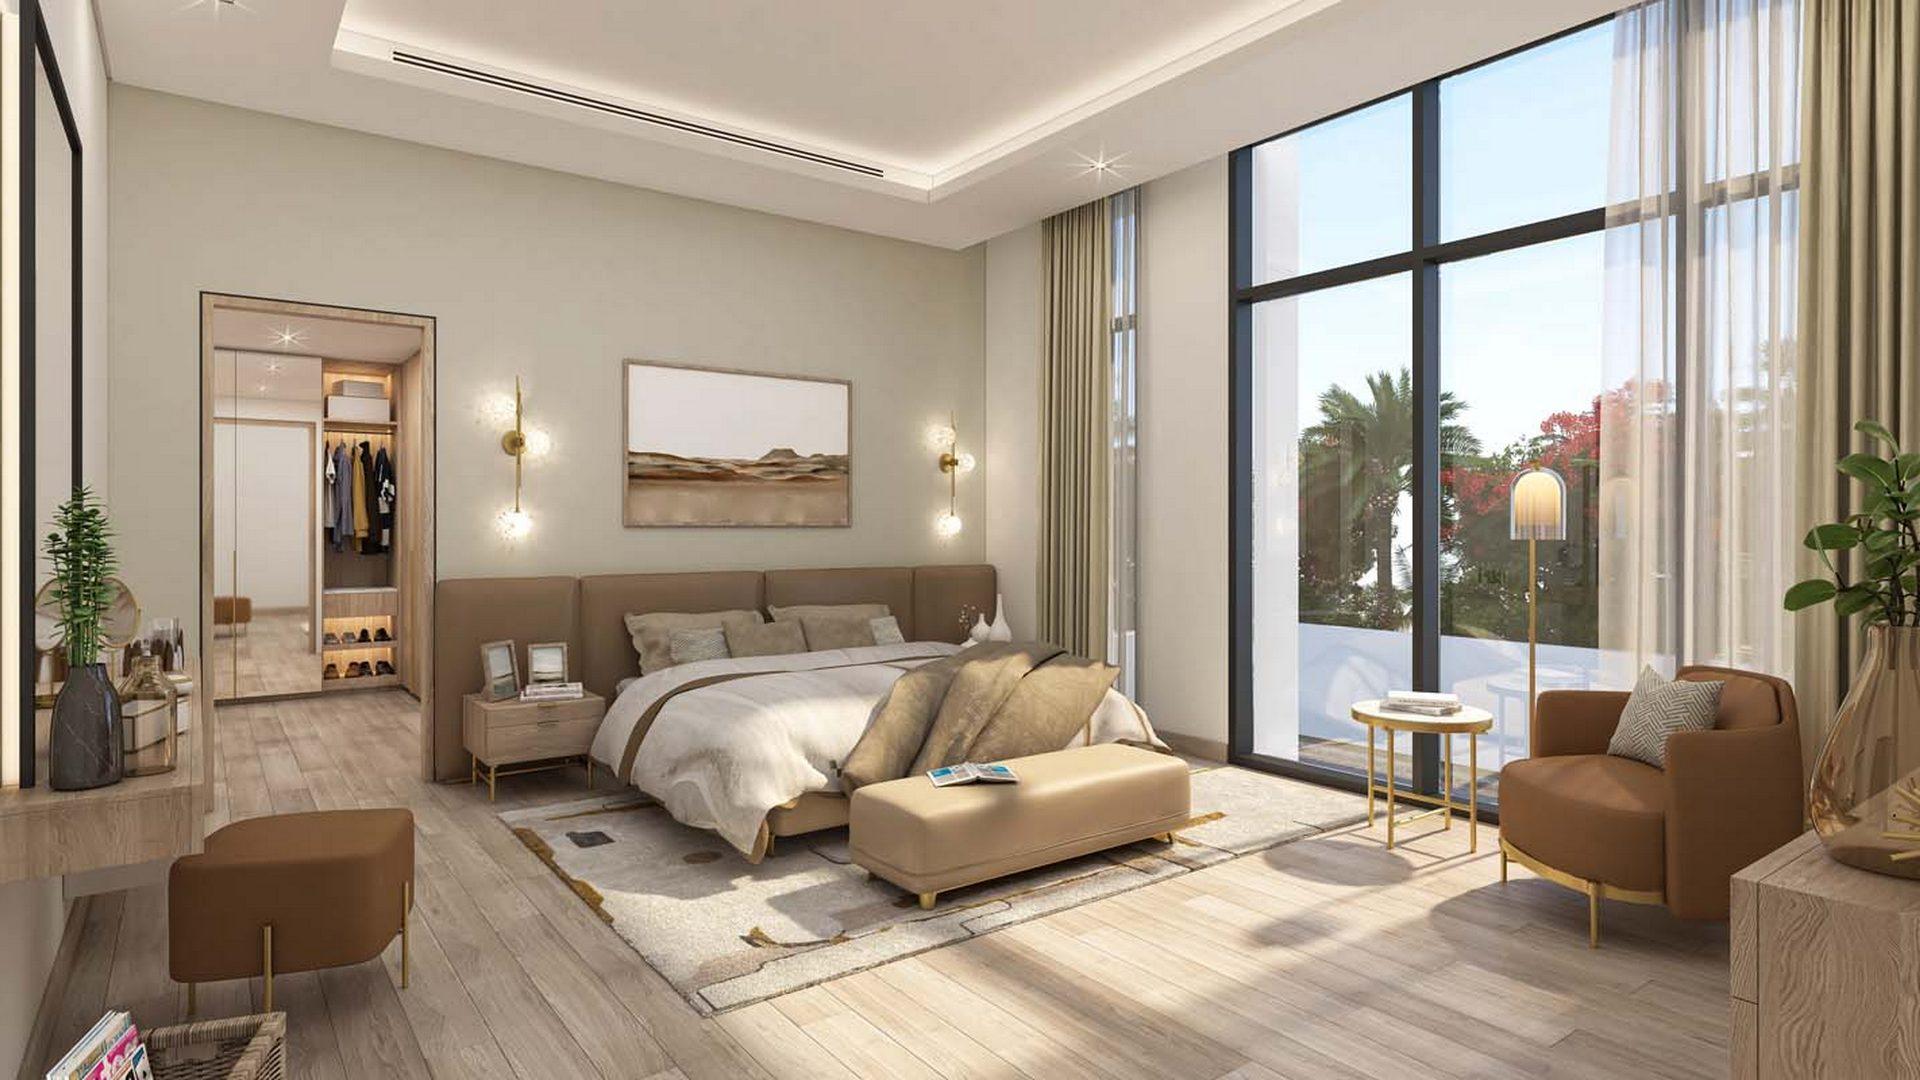 Villa en venta en Dubai, EAU, 5 dormitorios, 425 m2, № 24534 – foto 1